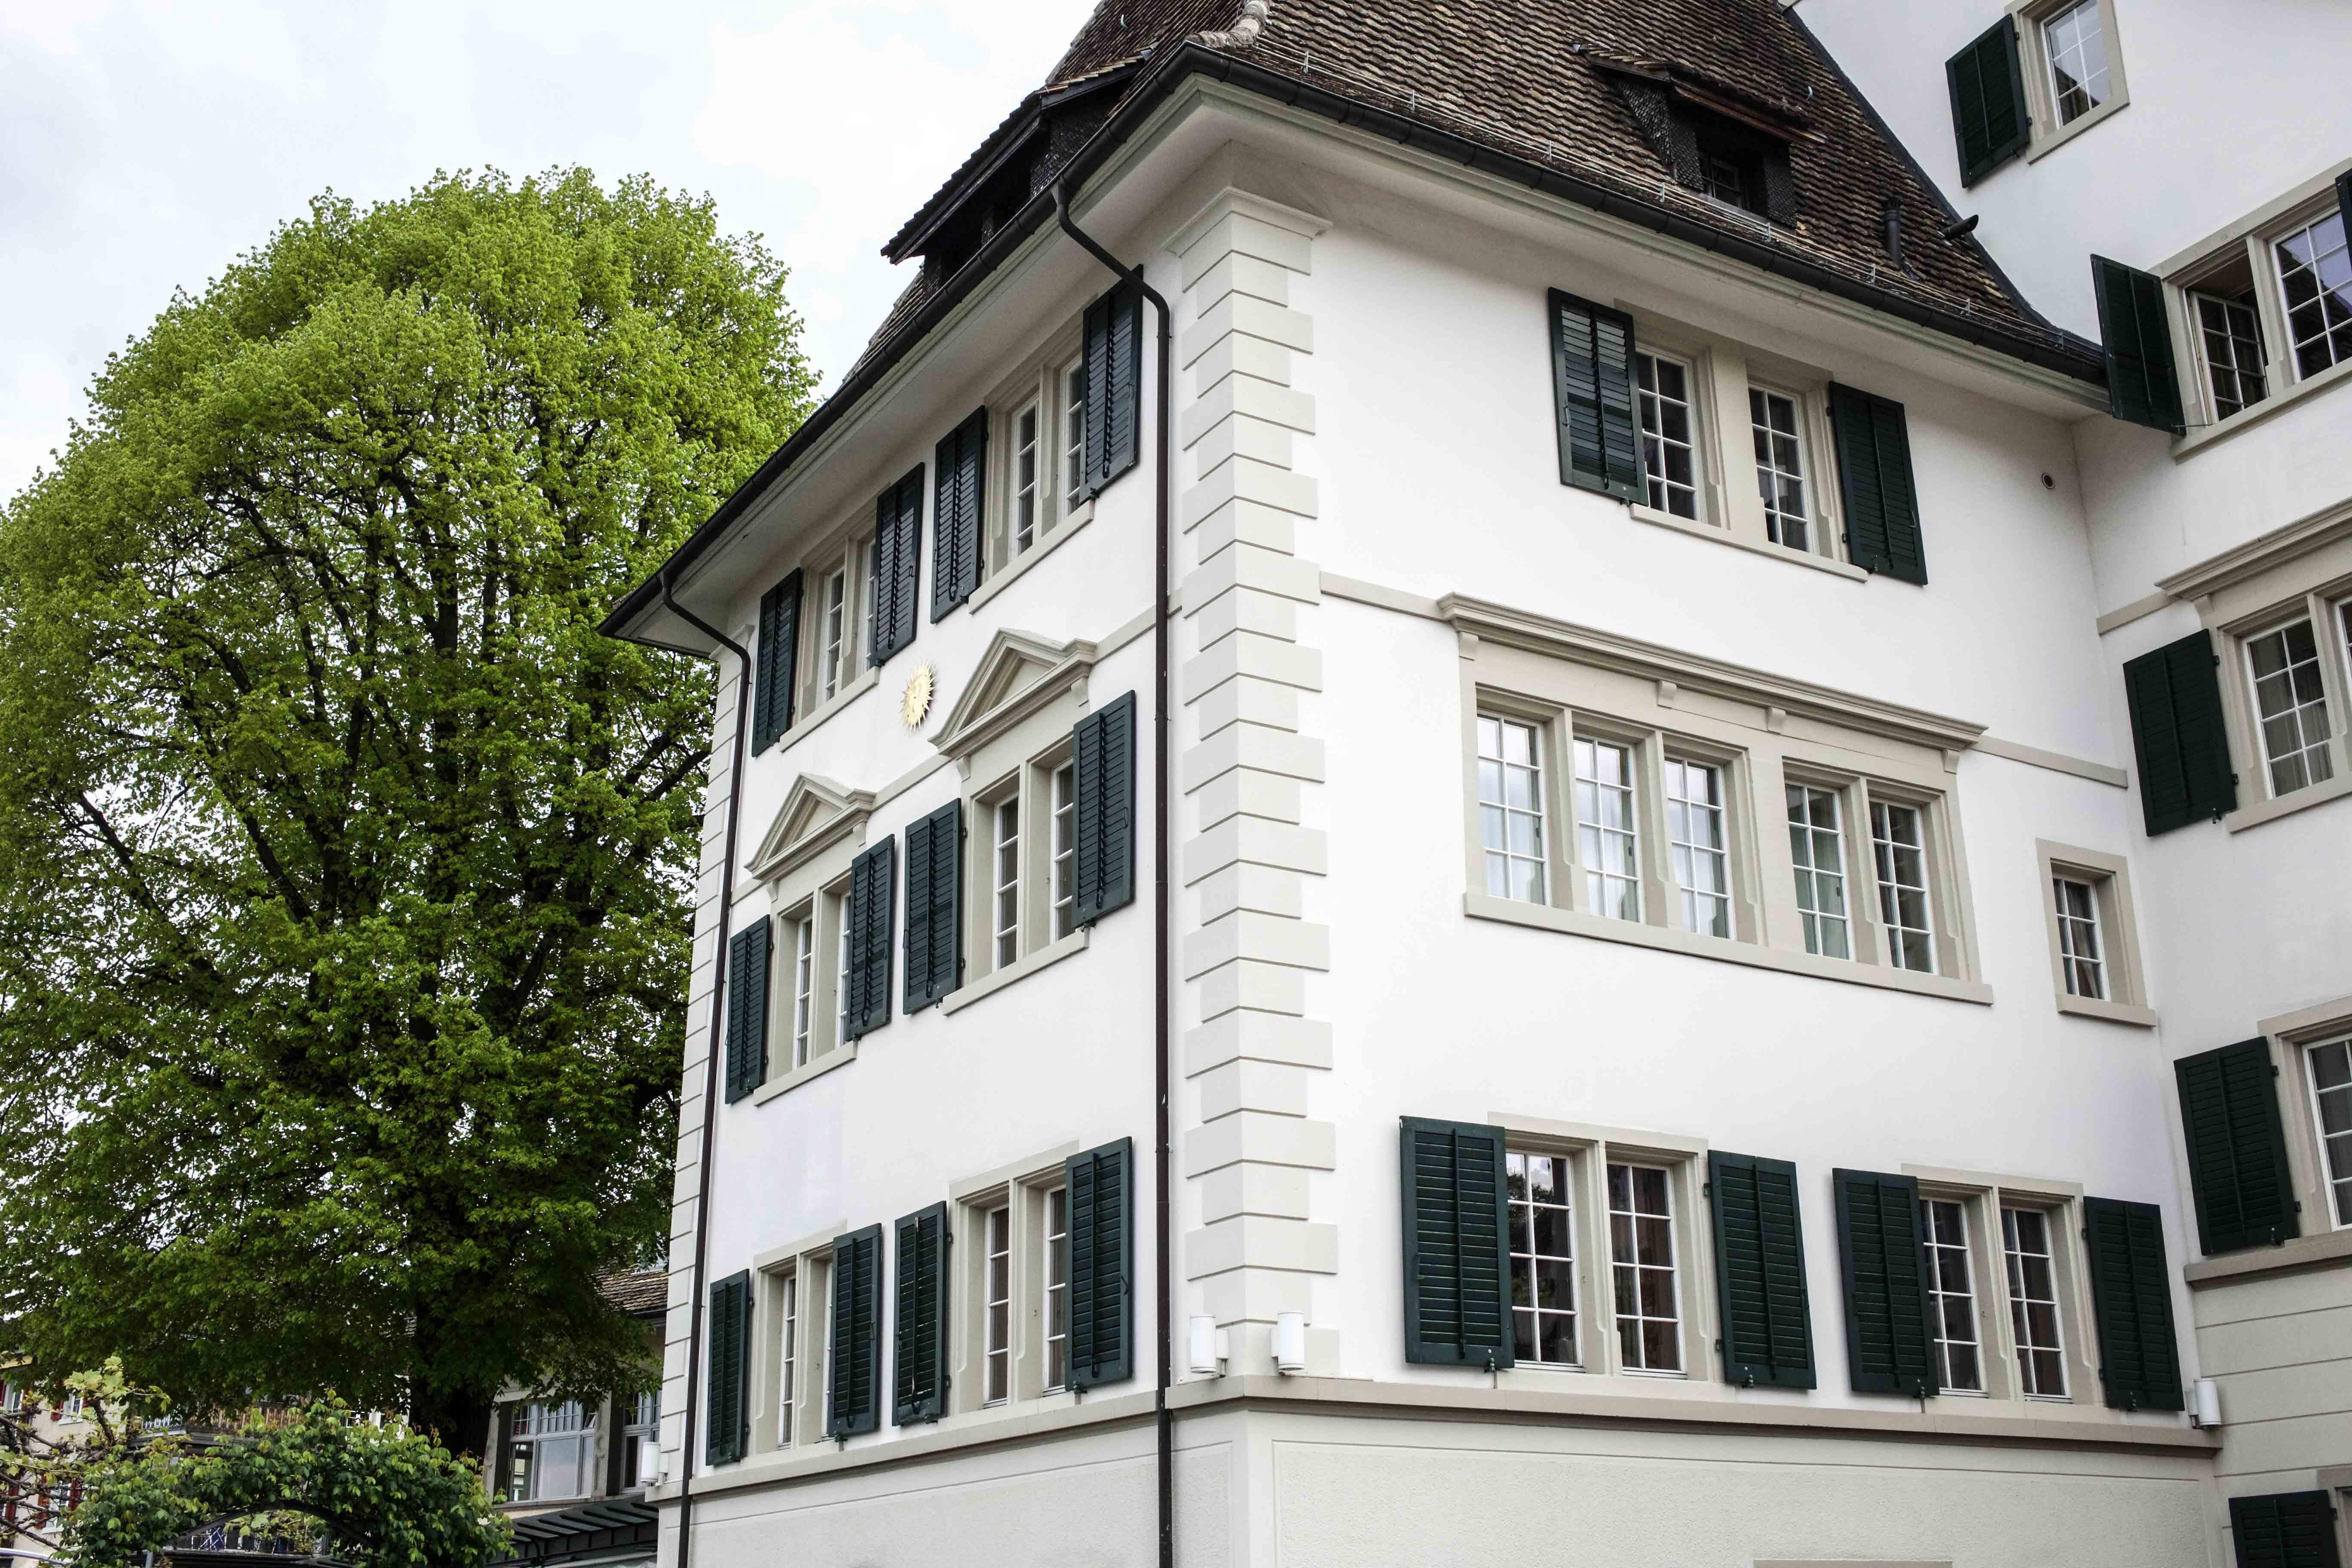 Hotelreview-Hotelempfehlung-Zürich-Küsnacht-Romantik-Hotels-Seehotel-Sonne_6942